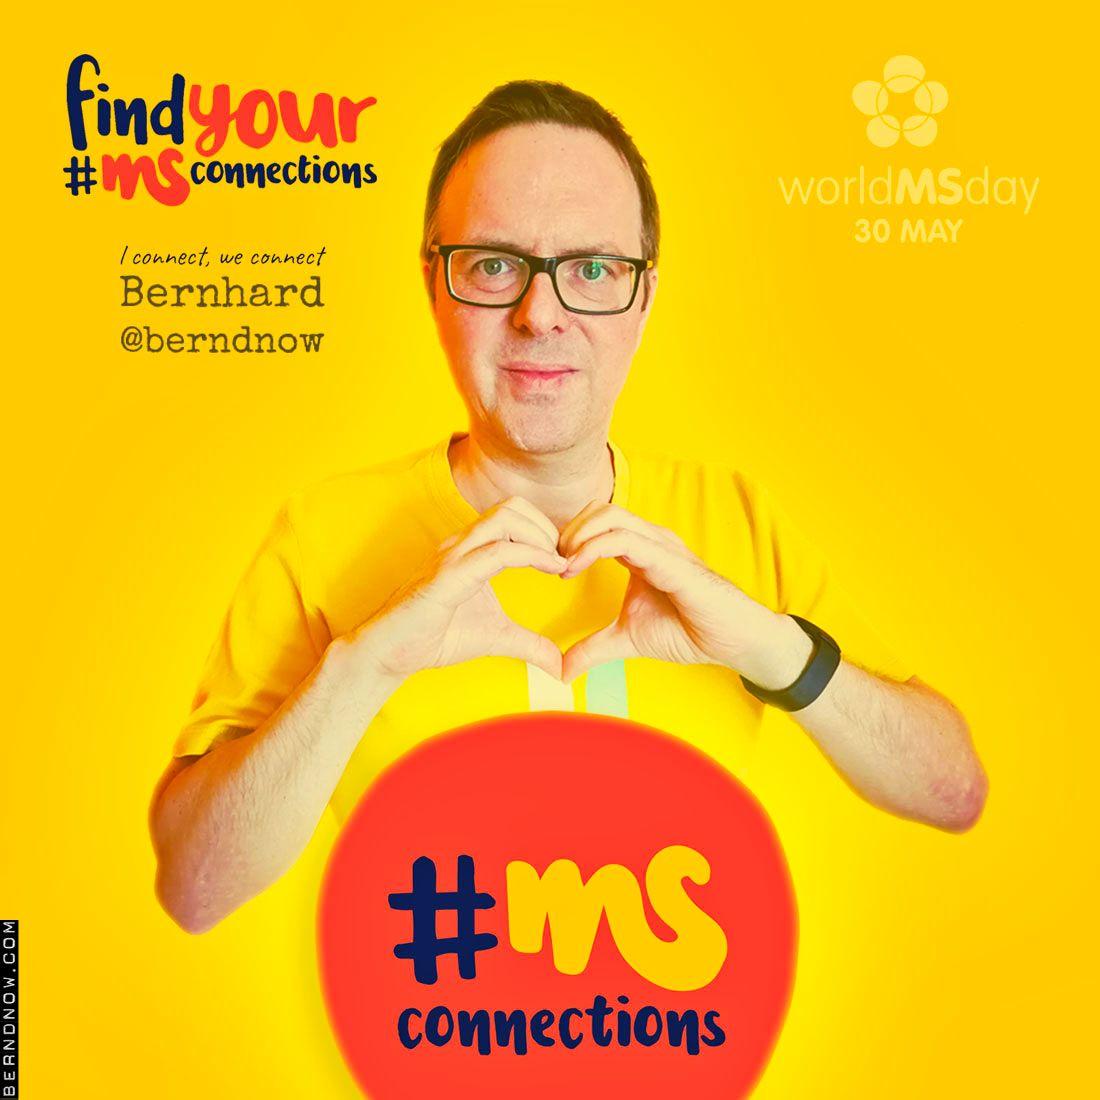 gelbes Rechteck mit Bild von Berhhard Schütz, Ernsthofen, Austria, Text: find your #MSConnections